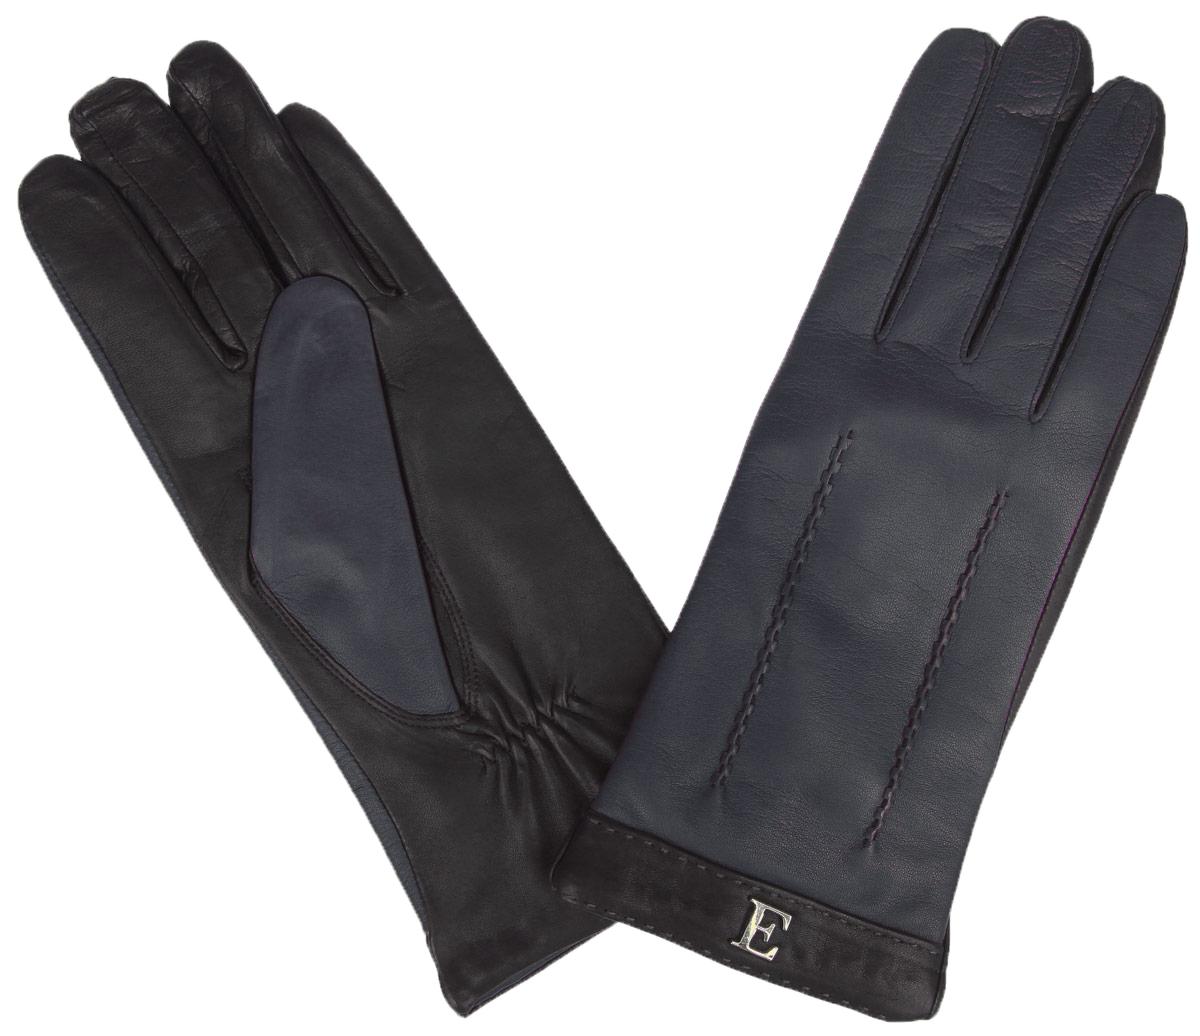 Перчатки женские. HP697HP697Стильные женские перчатки Eleganzza не только защитят ваши руки от холода, но и станут великолепным украшением. Перчатки выполнены из натуральной кожи на подкладке из 100% шерсти. На тыльной стороне манжет имеются небольшие сборки резинкой для того, чтобы перчатки лучше сидели. С внешней стороны манжеты украшены контрастными вставками с небольшими декоративными элементами и оригинальной прострочкой. В настоящее время перчатки являются неотъемлемой принадлежностью одежды, вместе с этим аксессуаром вы обретаете женственность и элегантность. Перчатки станут завершающим и подчеркивающим элементом вашего стиля и неповторимости.